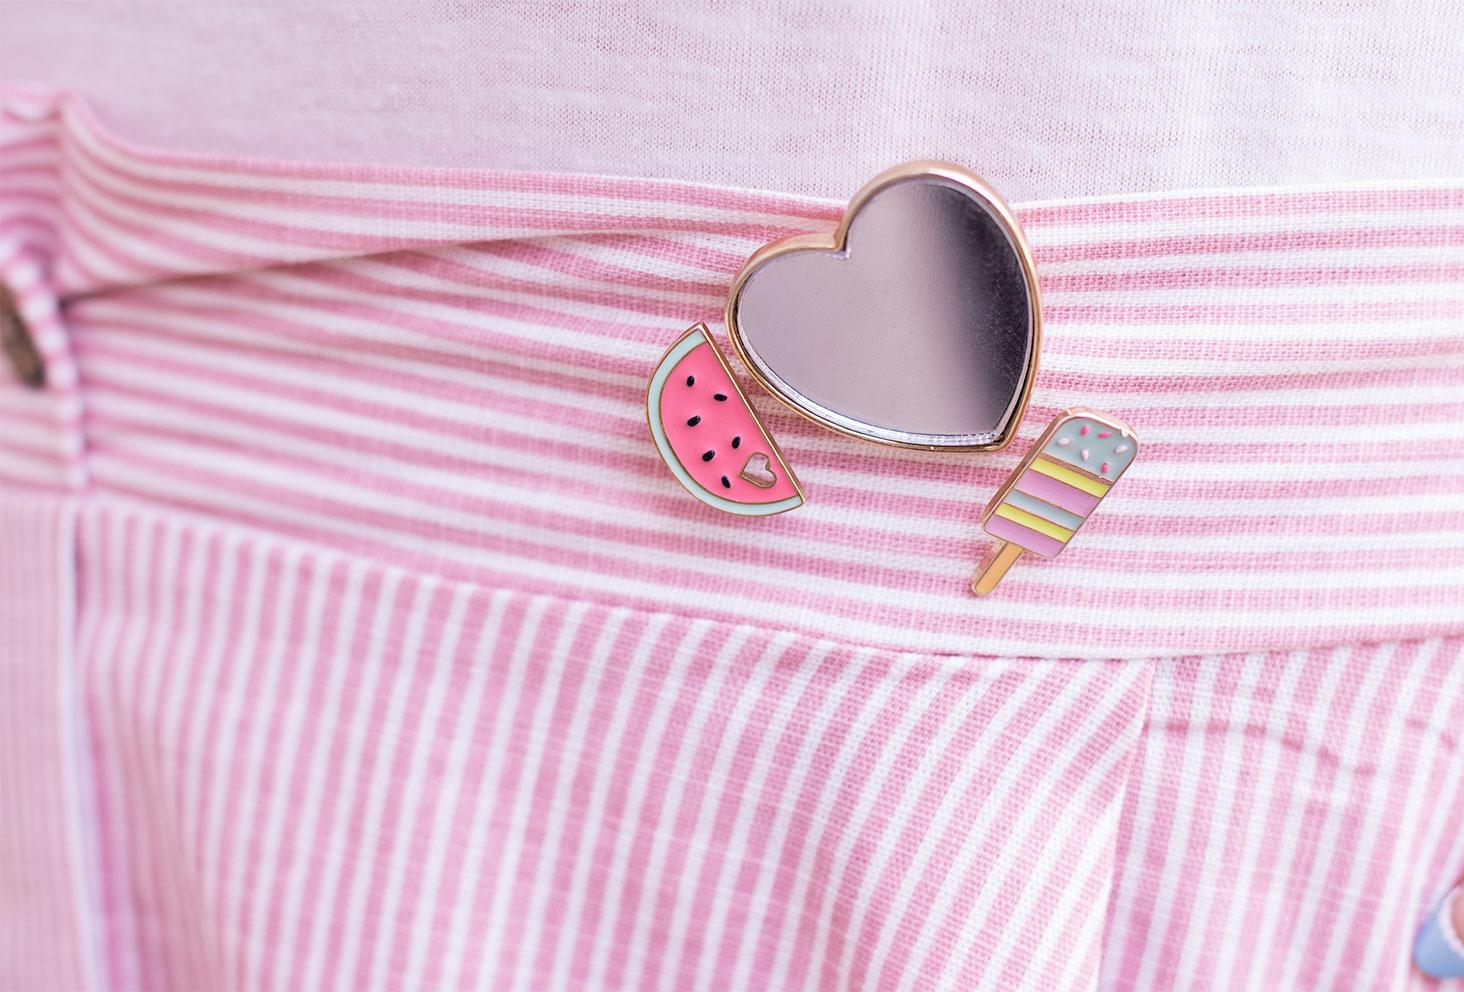 Zoom sur un pin's coeur miroir, un pastèque et une glace accrochés en haut de la jupe à rayures roses et blanches Shein